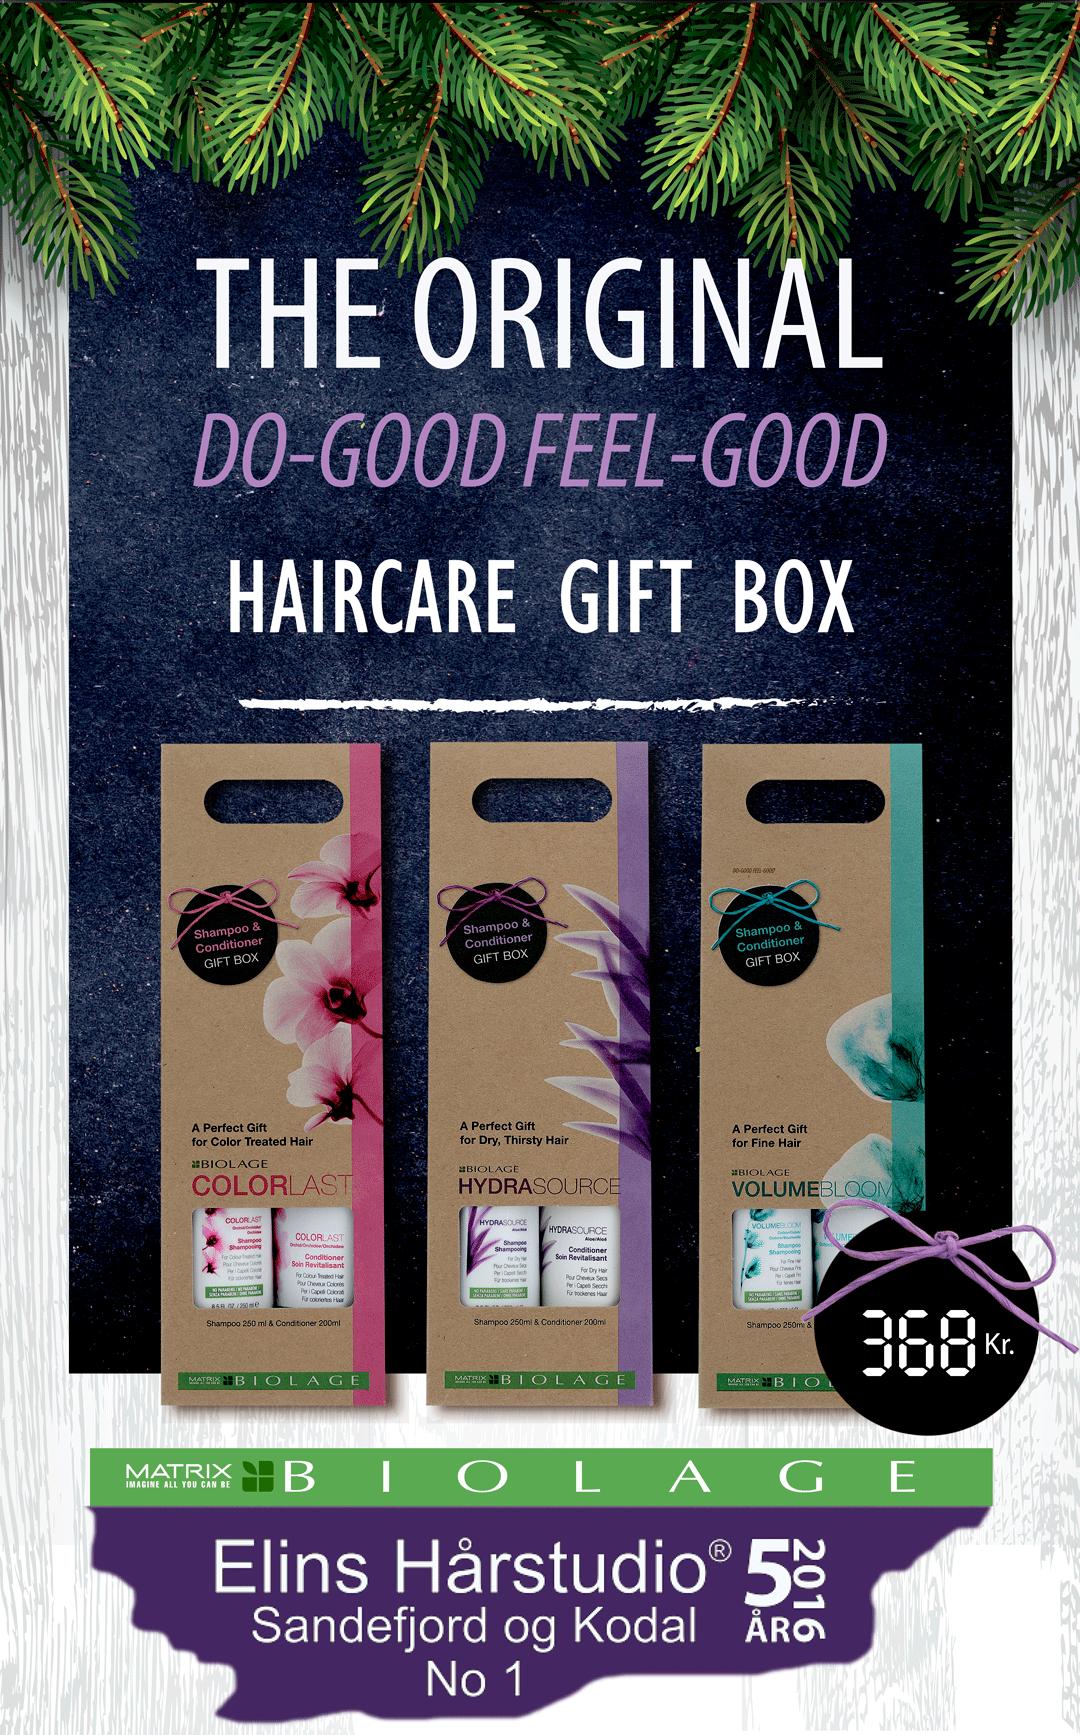 Julegavetips Biolage hår shampoo balsam